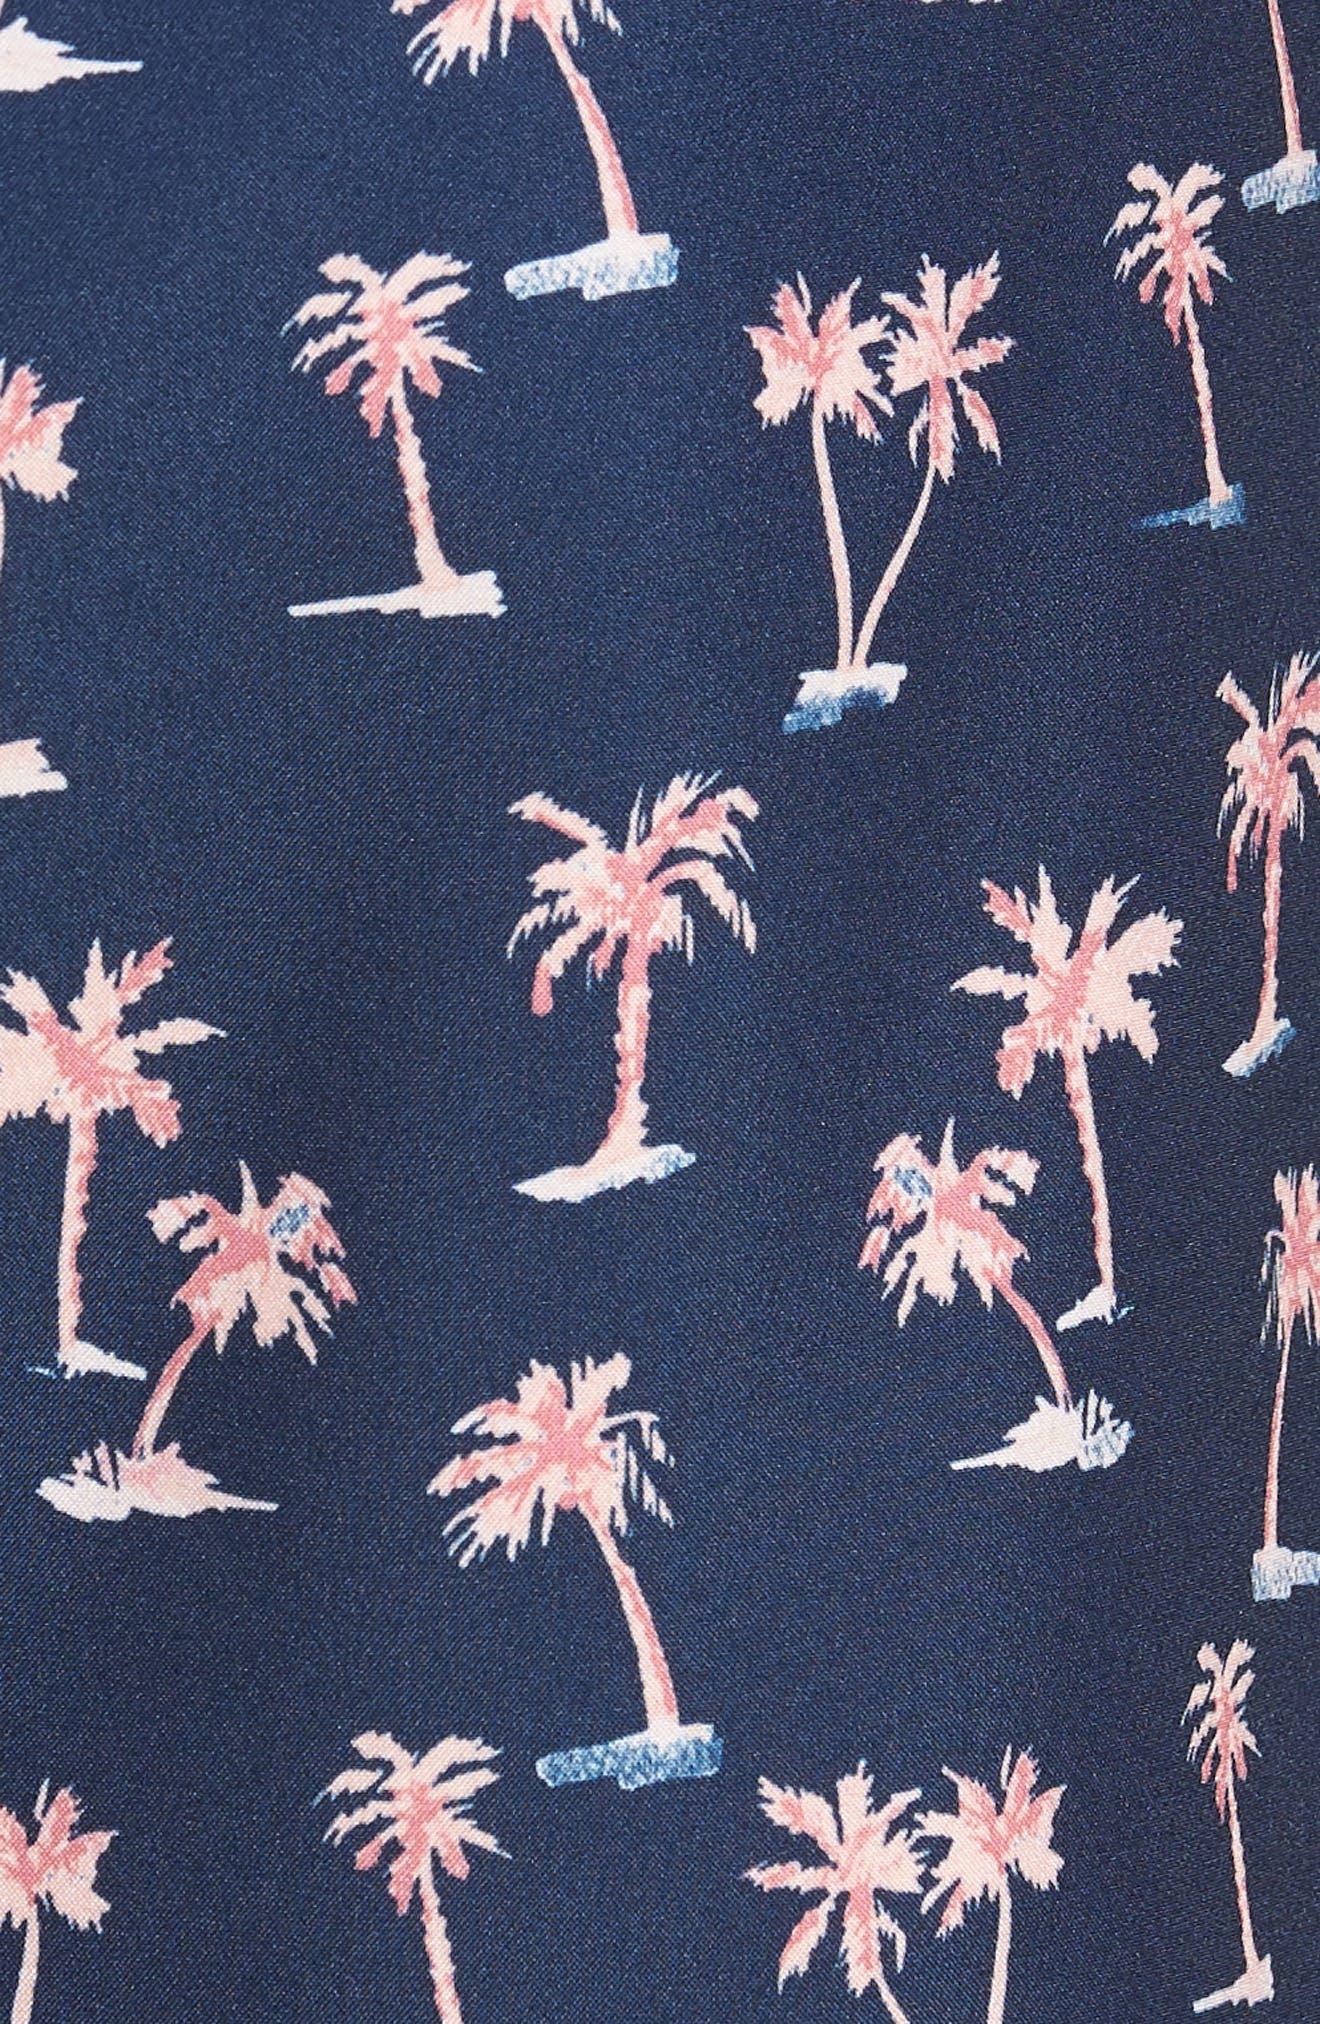 Banzai 9-Inch Swim Trunks,                             Alternate thumbnail 5, color,                             Dreamy Palms Print